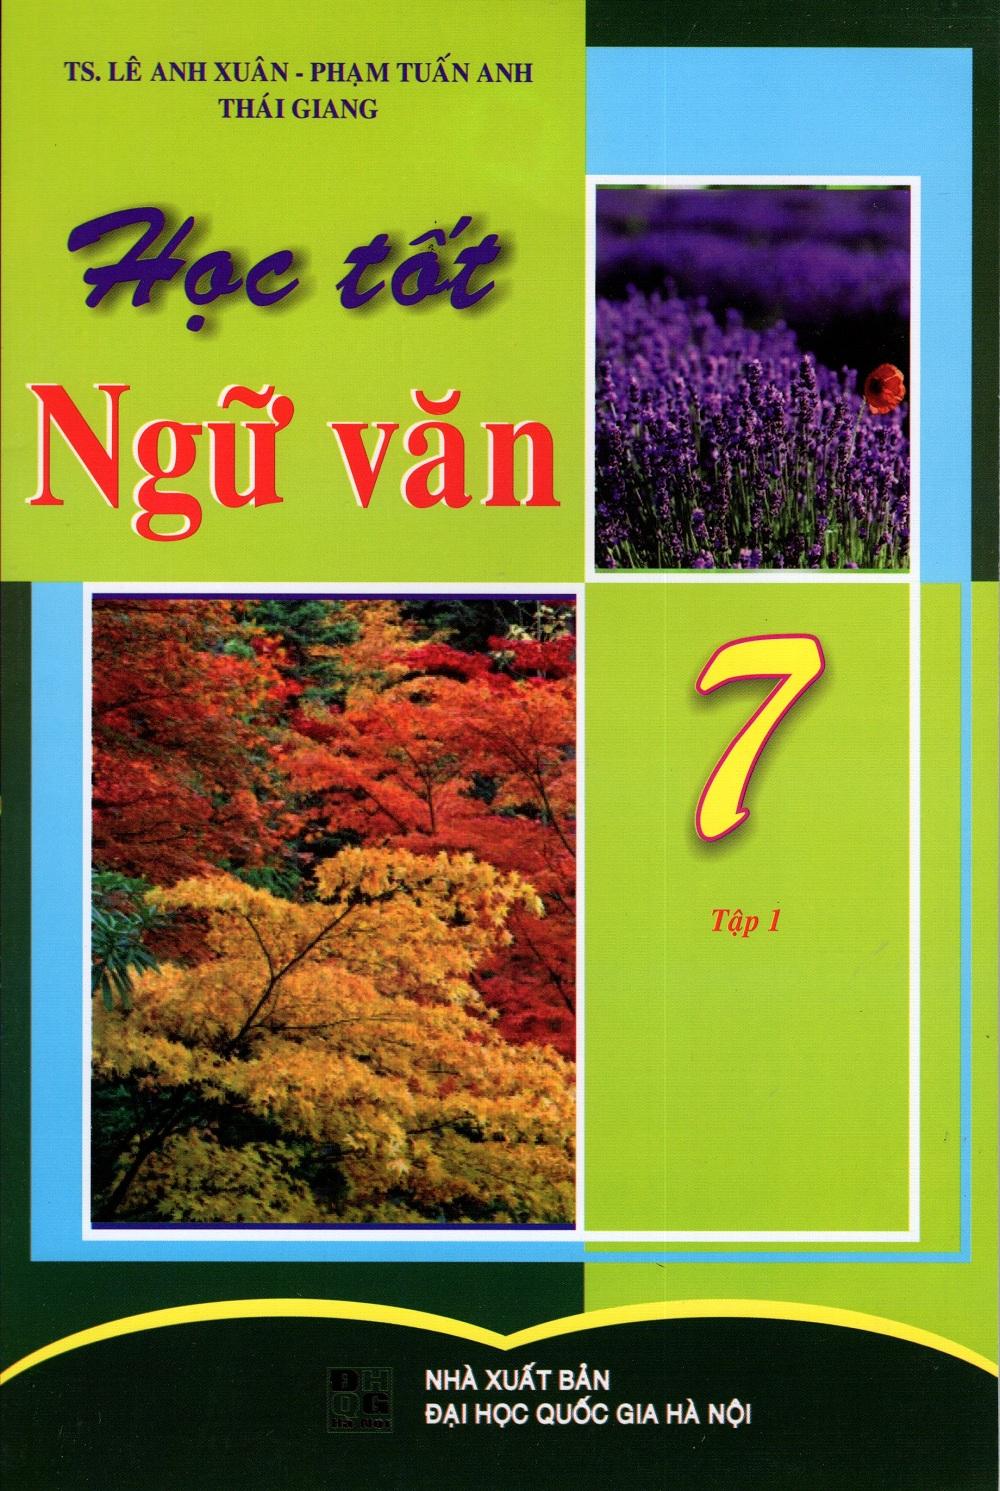 Bìa sách Học Tốt Ngữ Văn Lớp 7 (Tập 1)